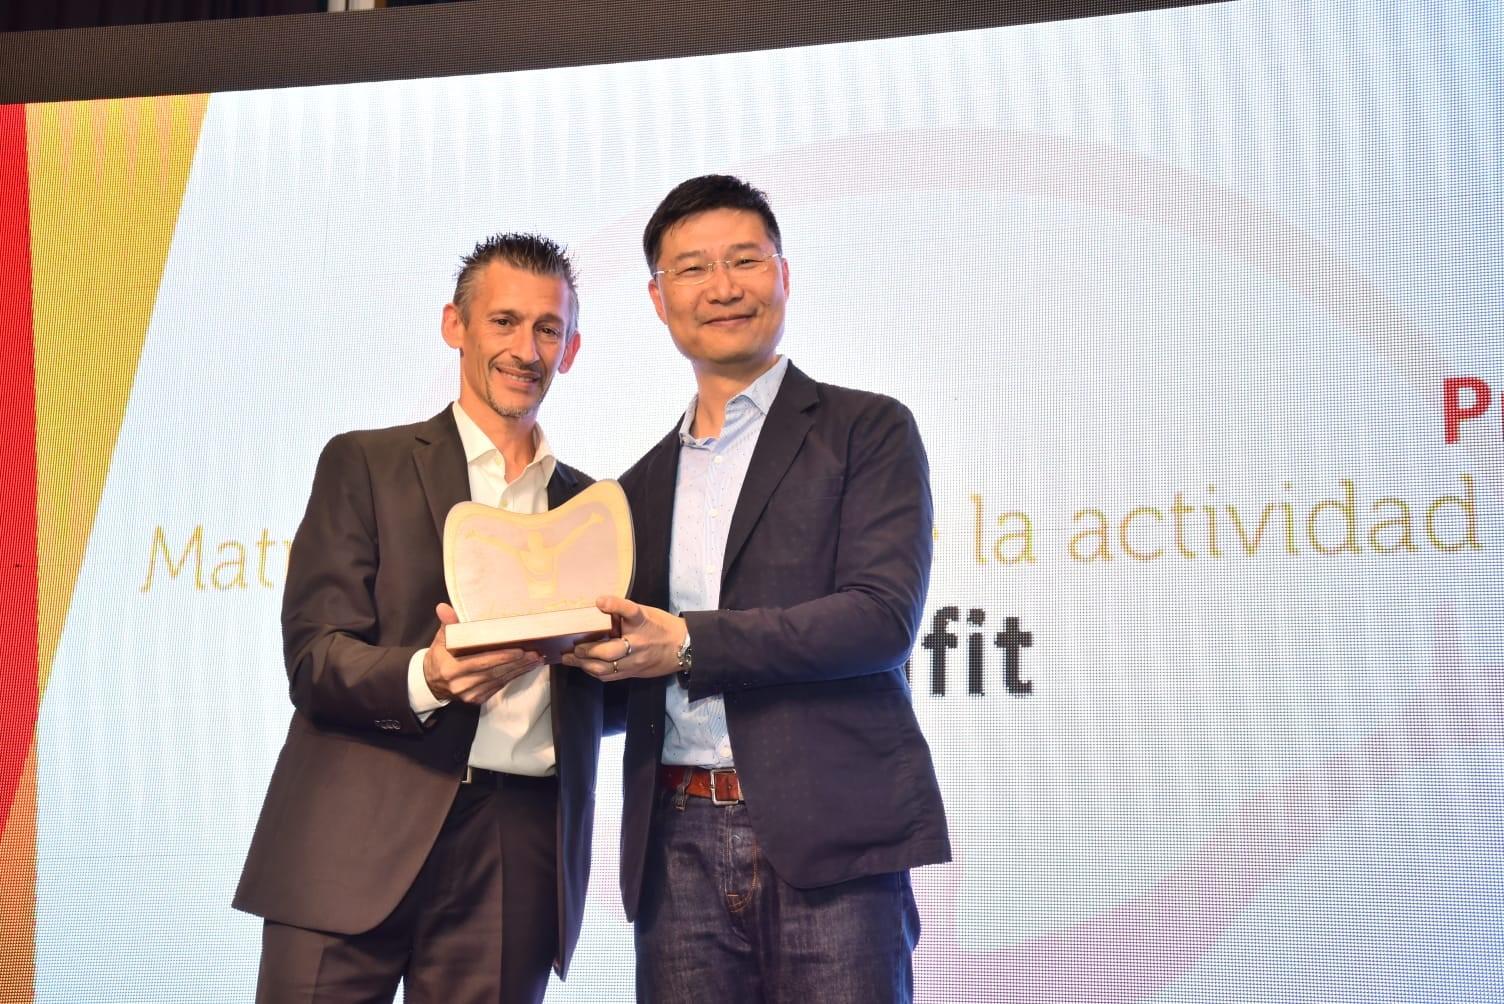 Altafit recibe el premio 'Patrocina un deportista' a la promoción de la actividad física